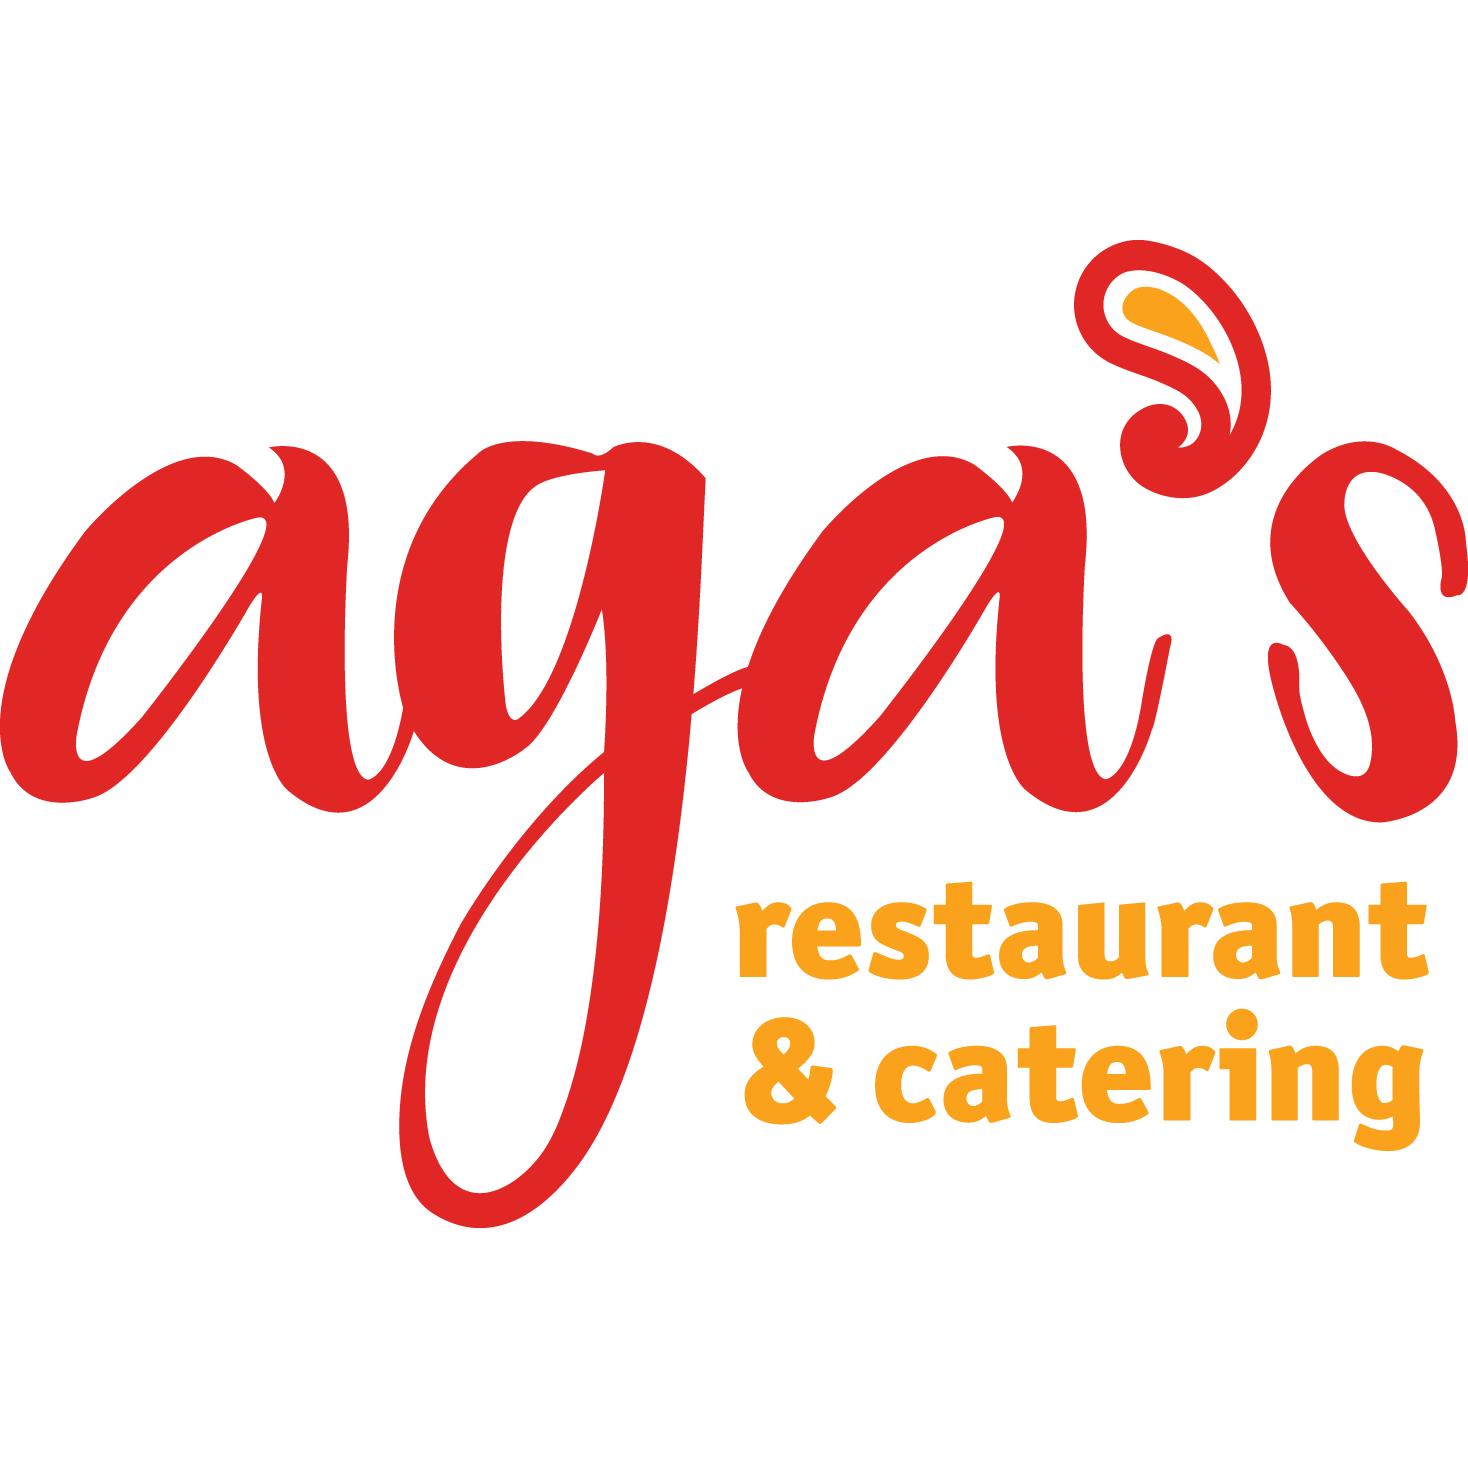 Aga's Restaurant & Catering - Houston, TX - Restaurants